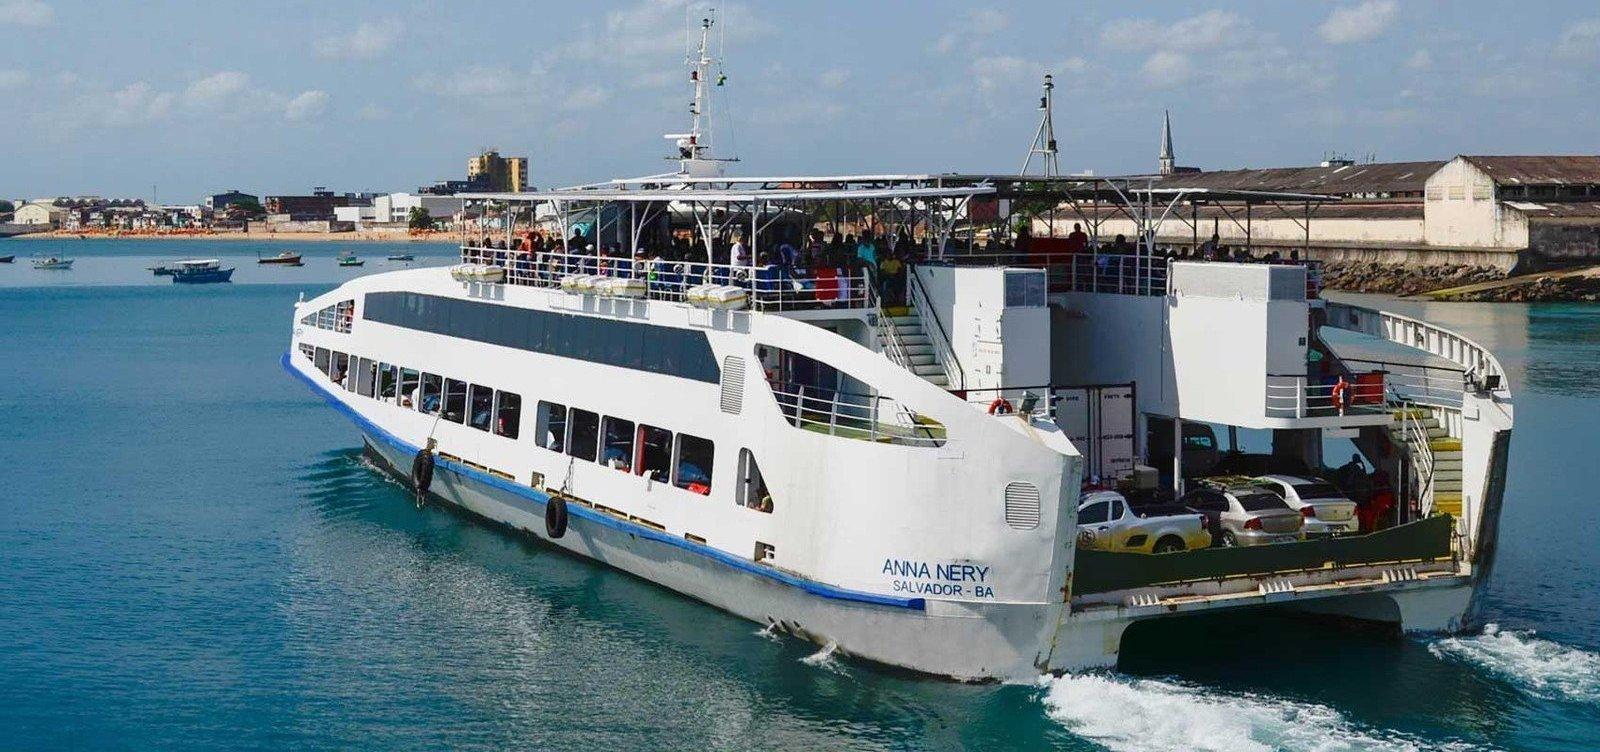 [Ferry-boat: embarque de veículos em Bom Despacho pode levar até 1h30]